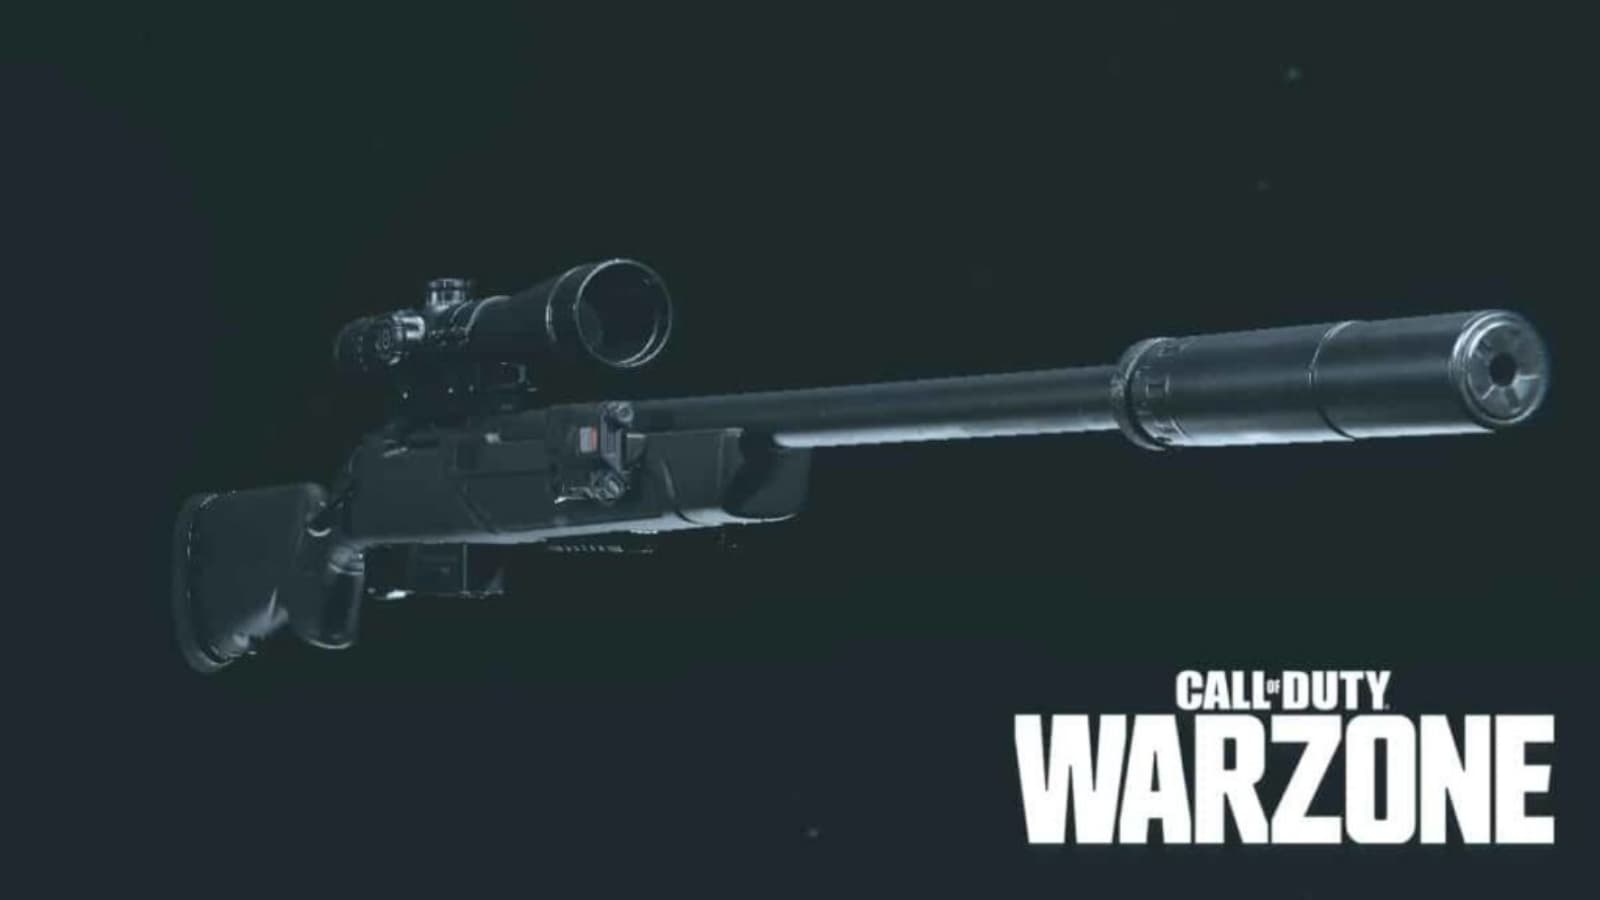 La mejor carga de SP-R 208 Warzone con detalles